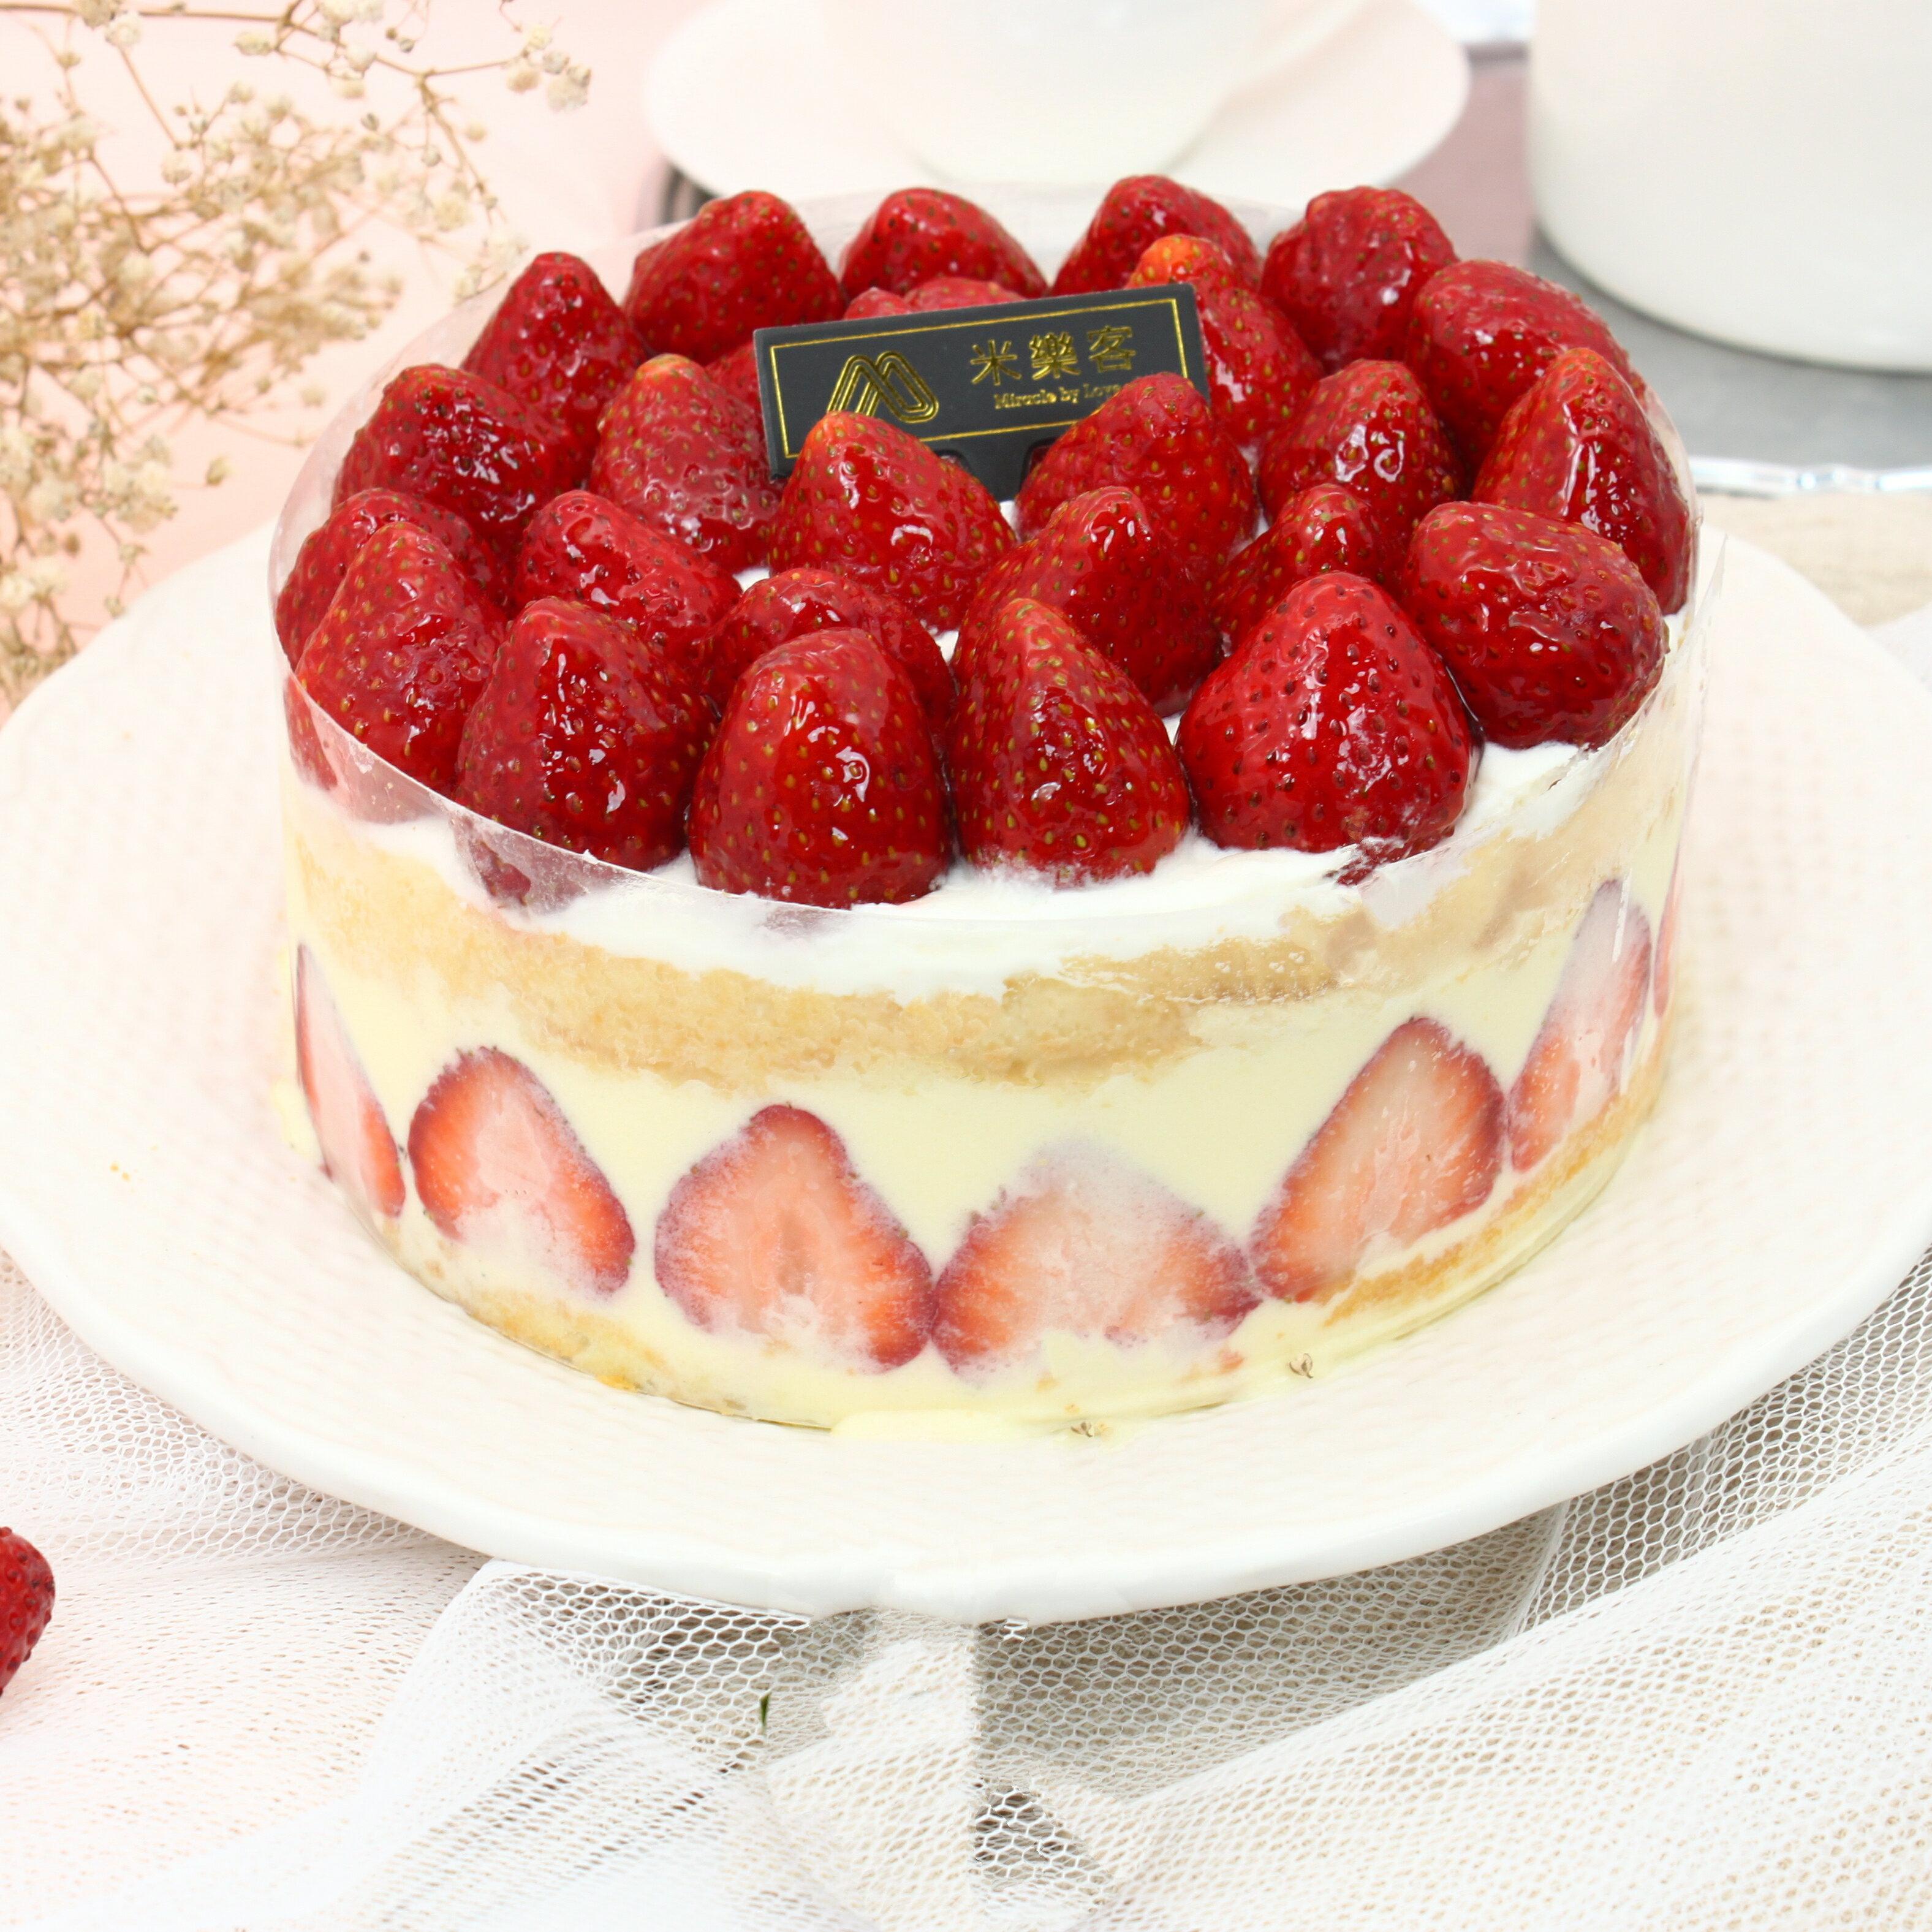 6吋皇室卡士達草莓蛋糕